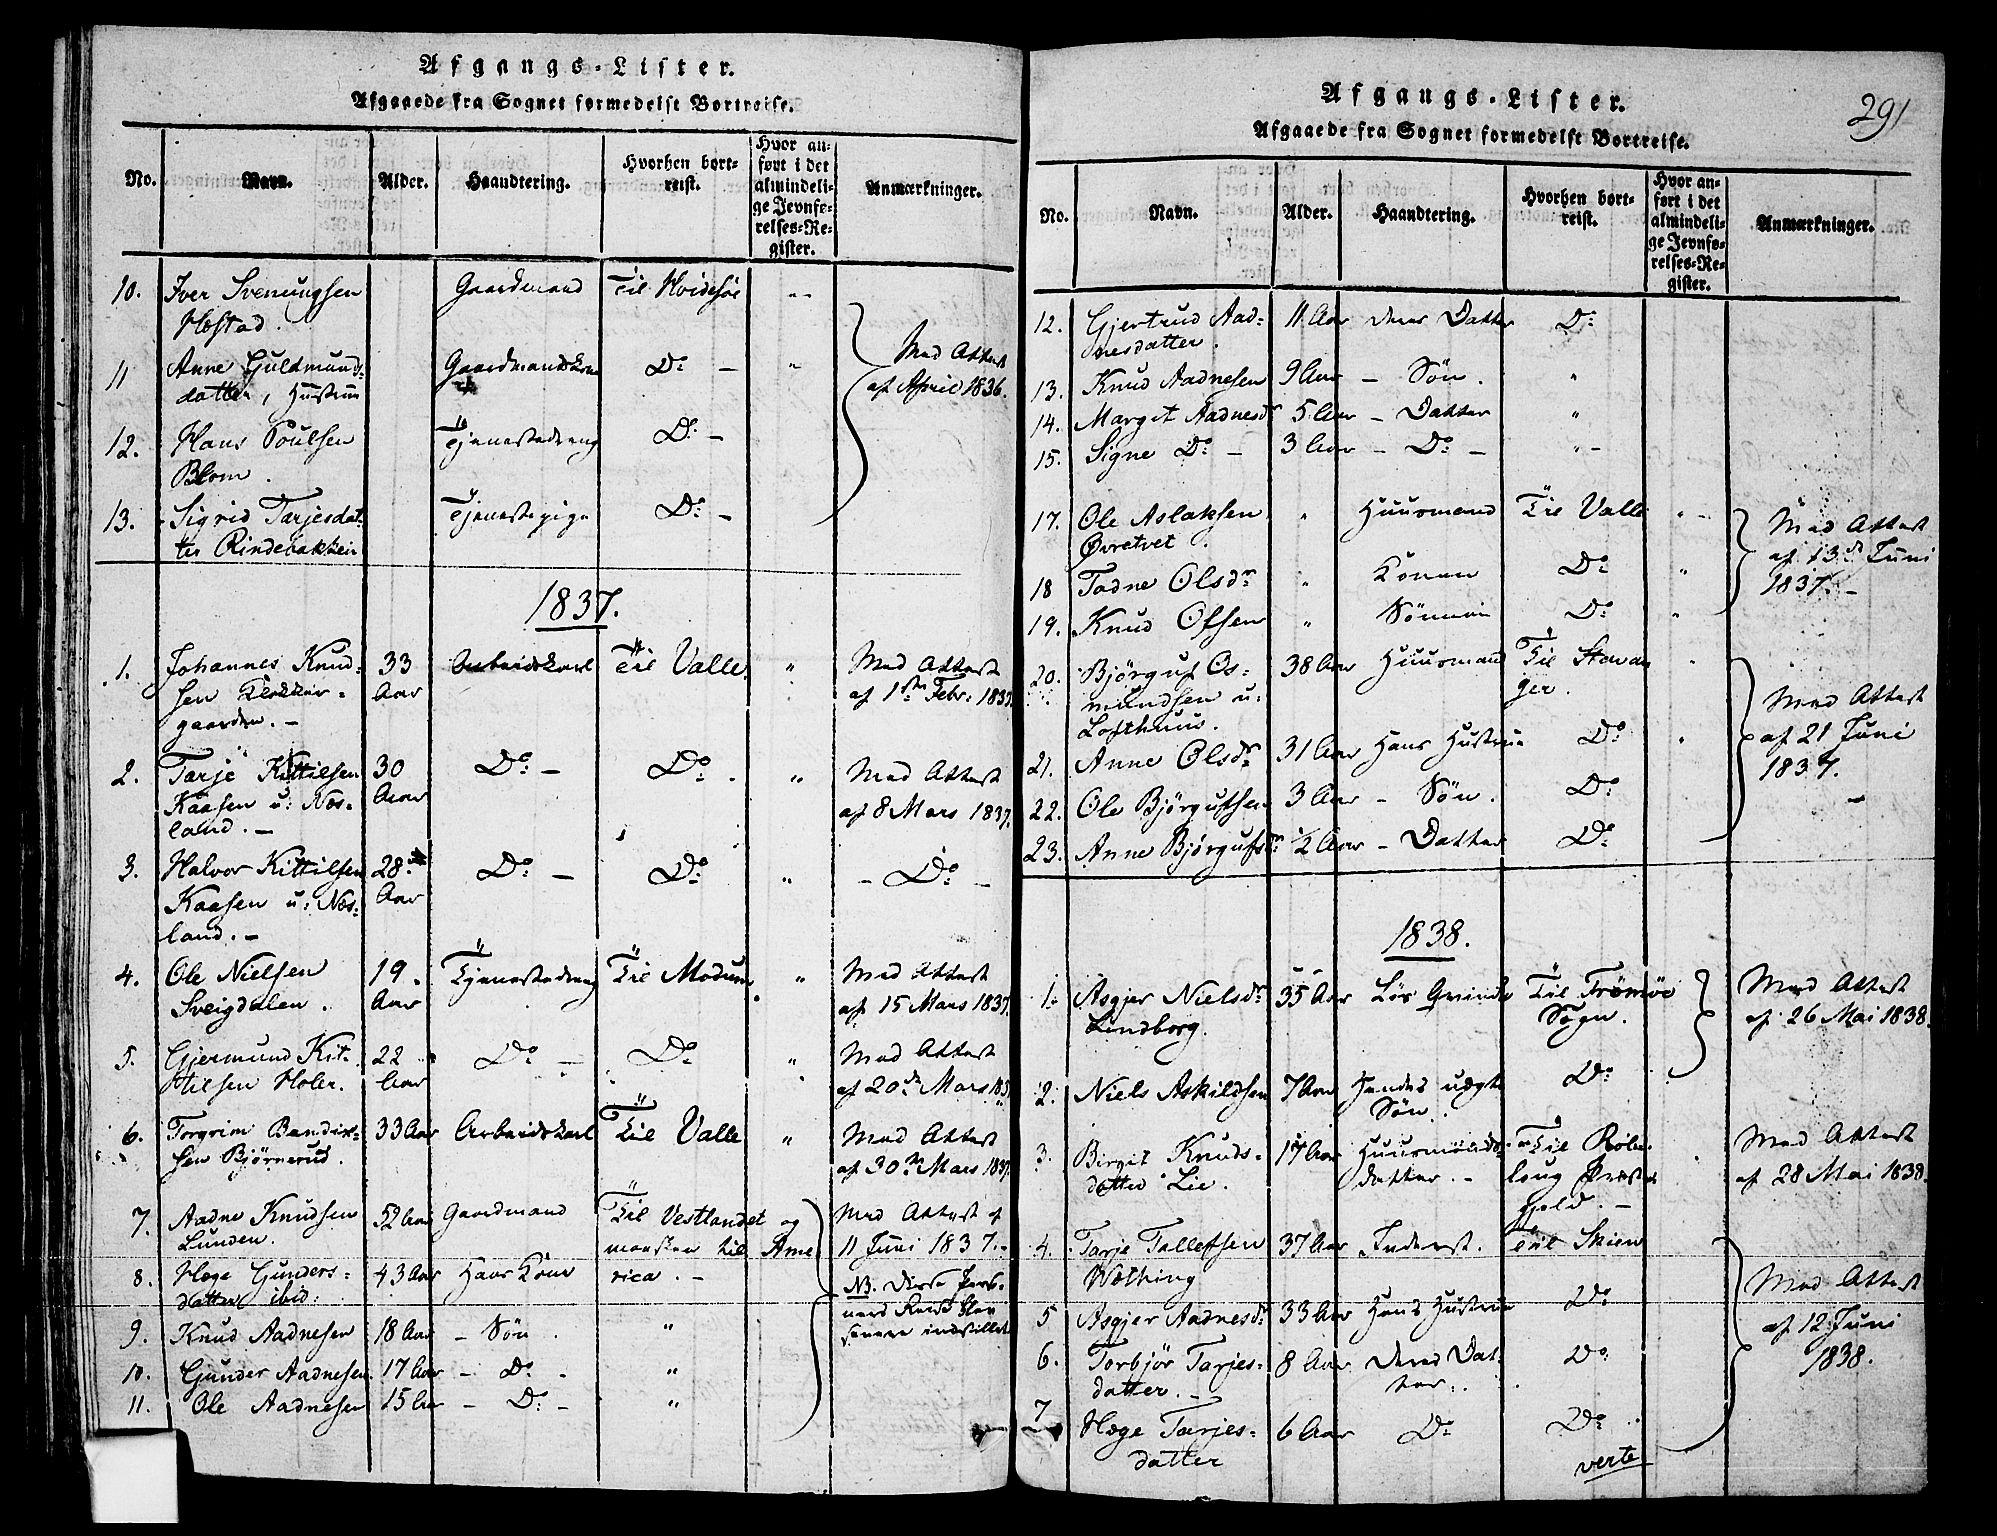 SAKO, Fyresdal kirkebøker, F/Fa/L0003: Ministerialbok nr. I 3, 1815-1840, s. 291